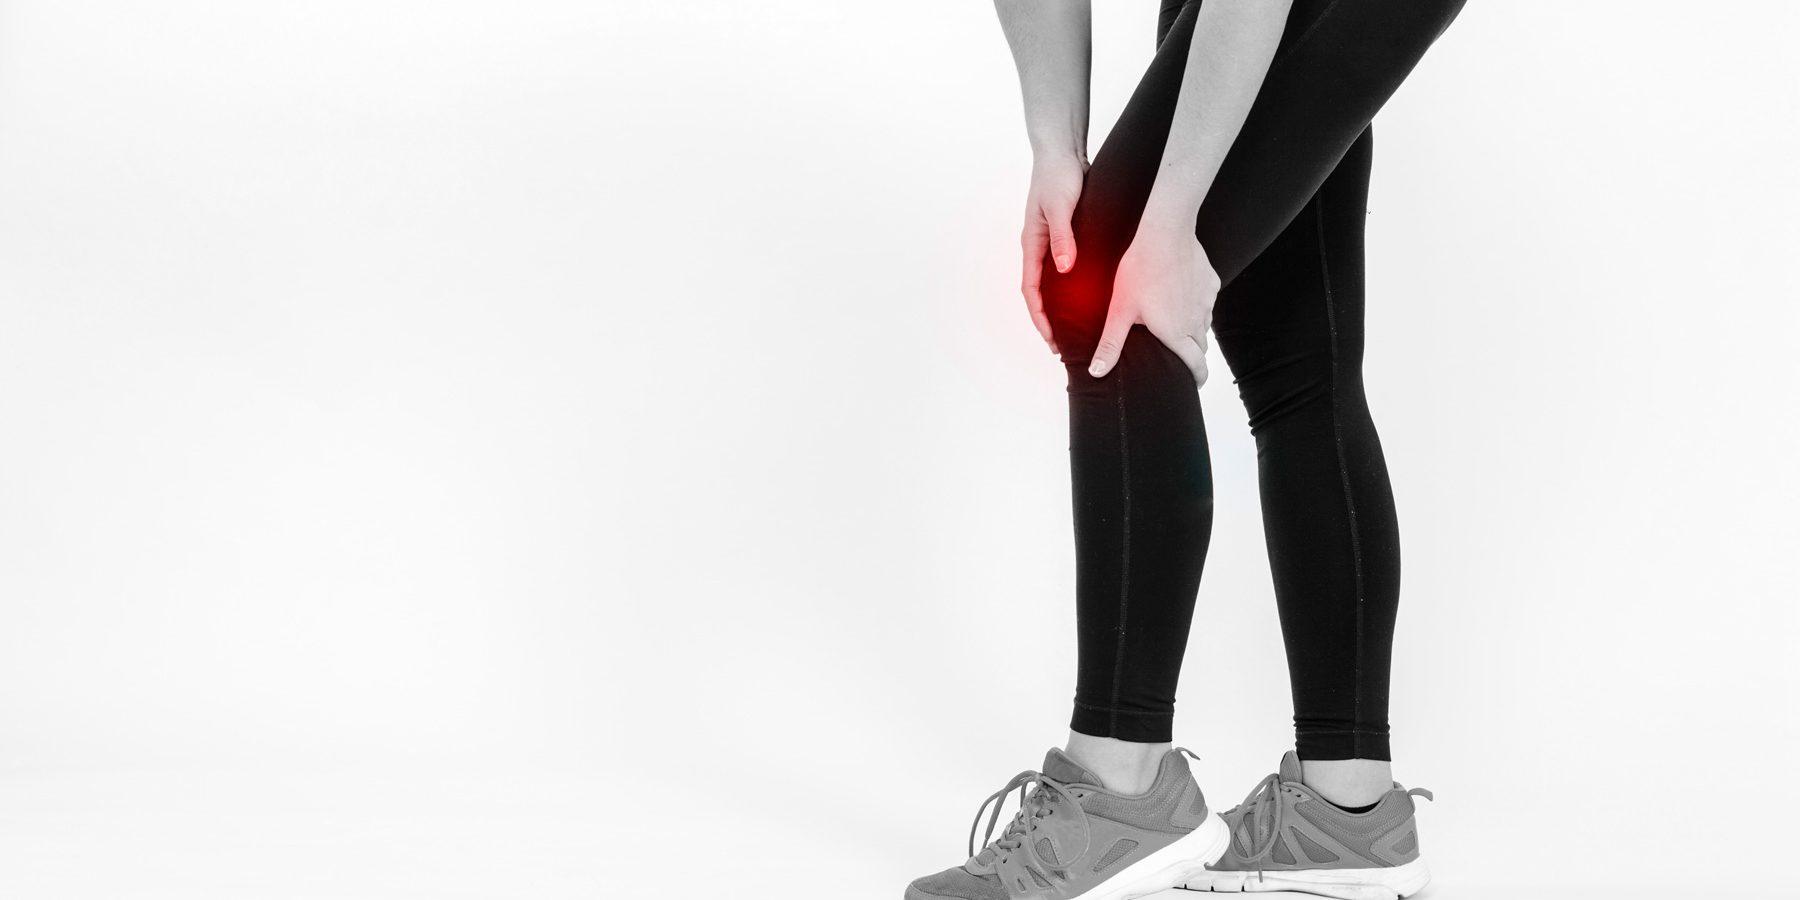 artrose-stoppen